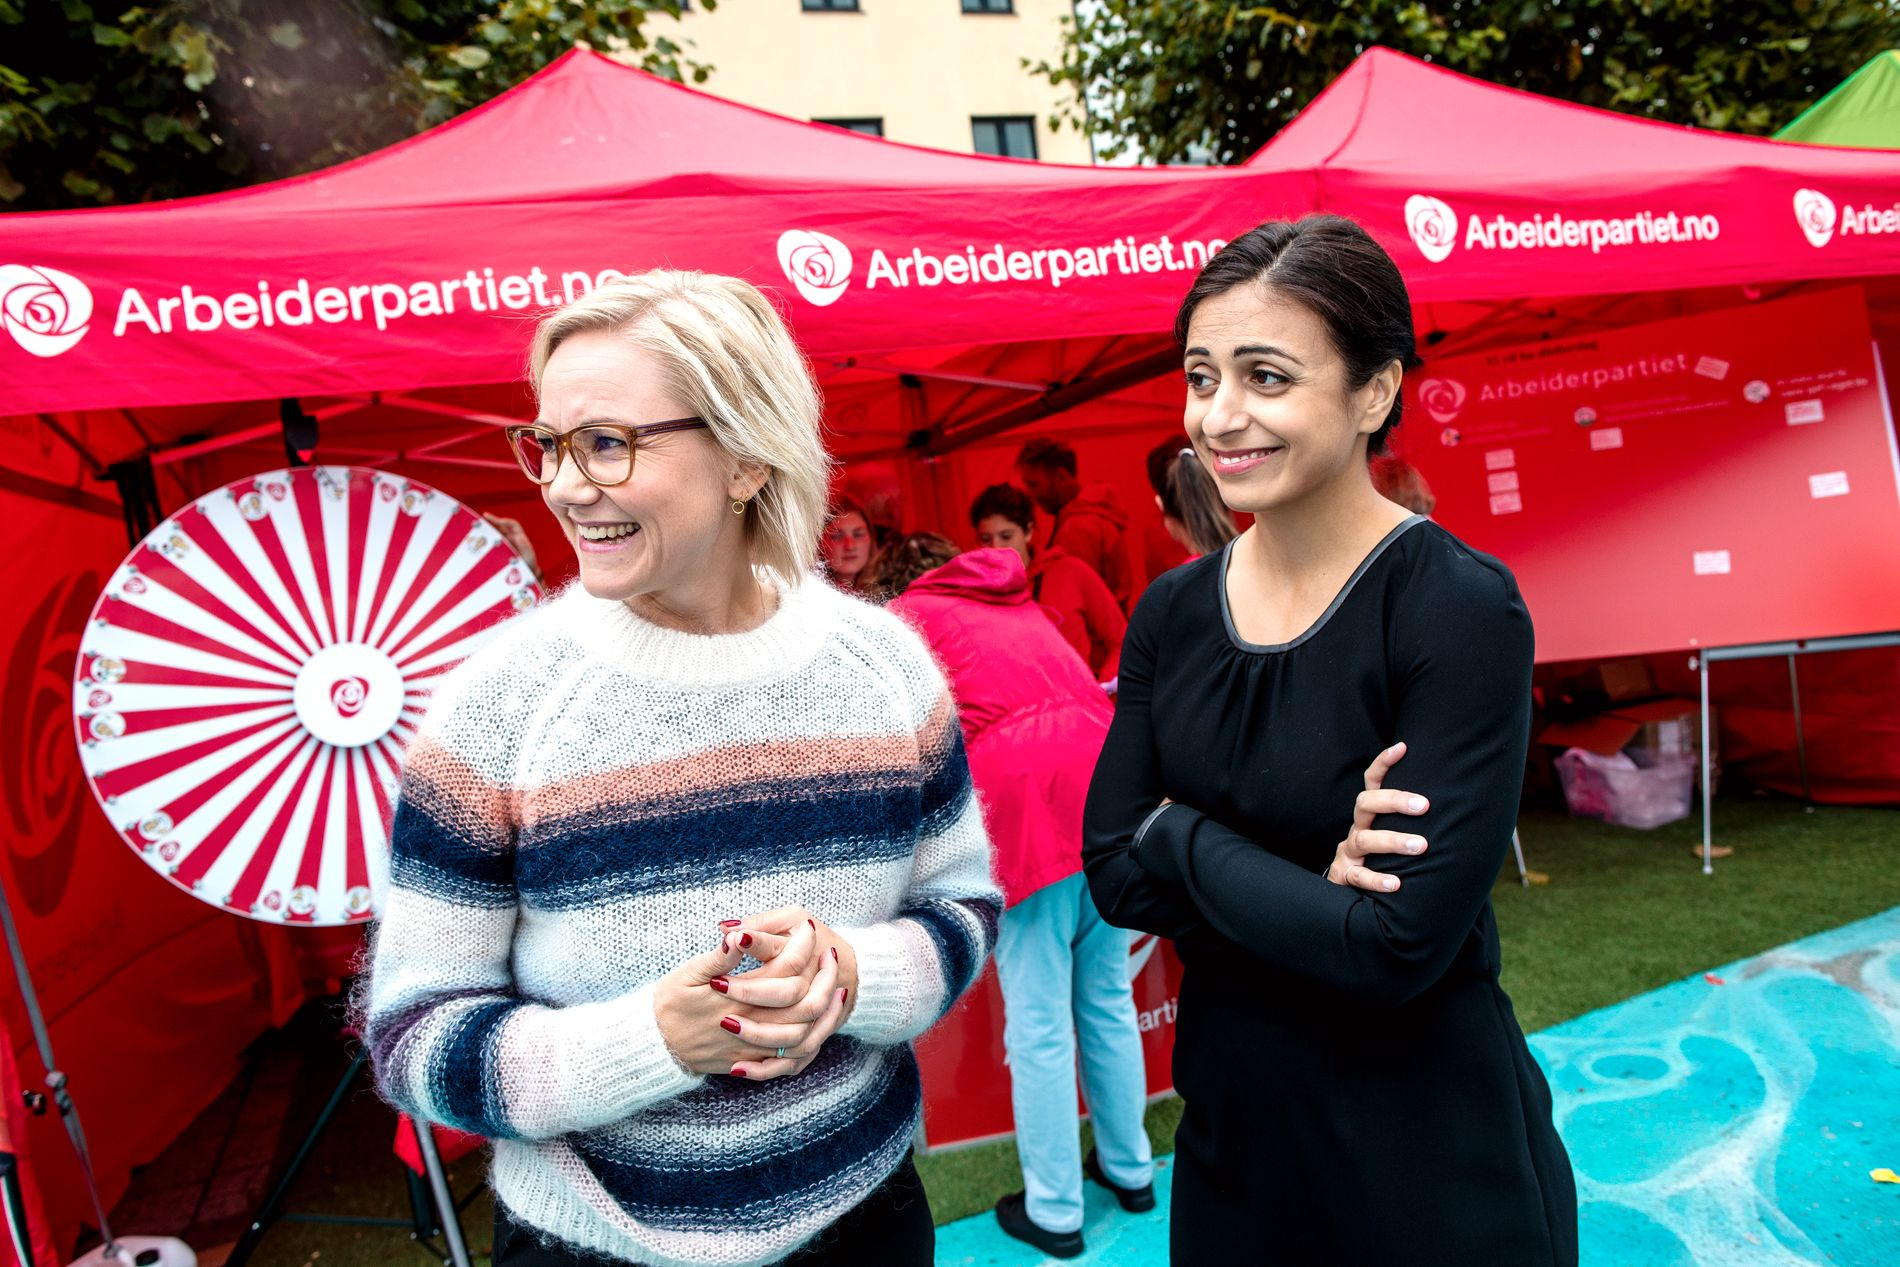 PÅ TOKT: Sammen vil nestleder i Ap, Hadia Tajik (til høyre) og helsepolitisk talsperson, Ingvild Kjerkol, ta ett oppgjør med de sosiale forskjellene i Norge. Her er de på Arendalsuka.